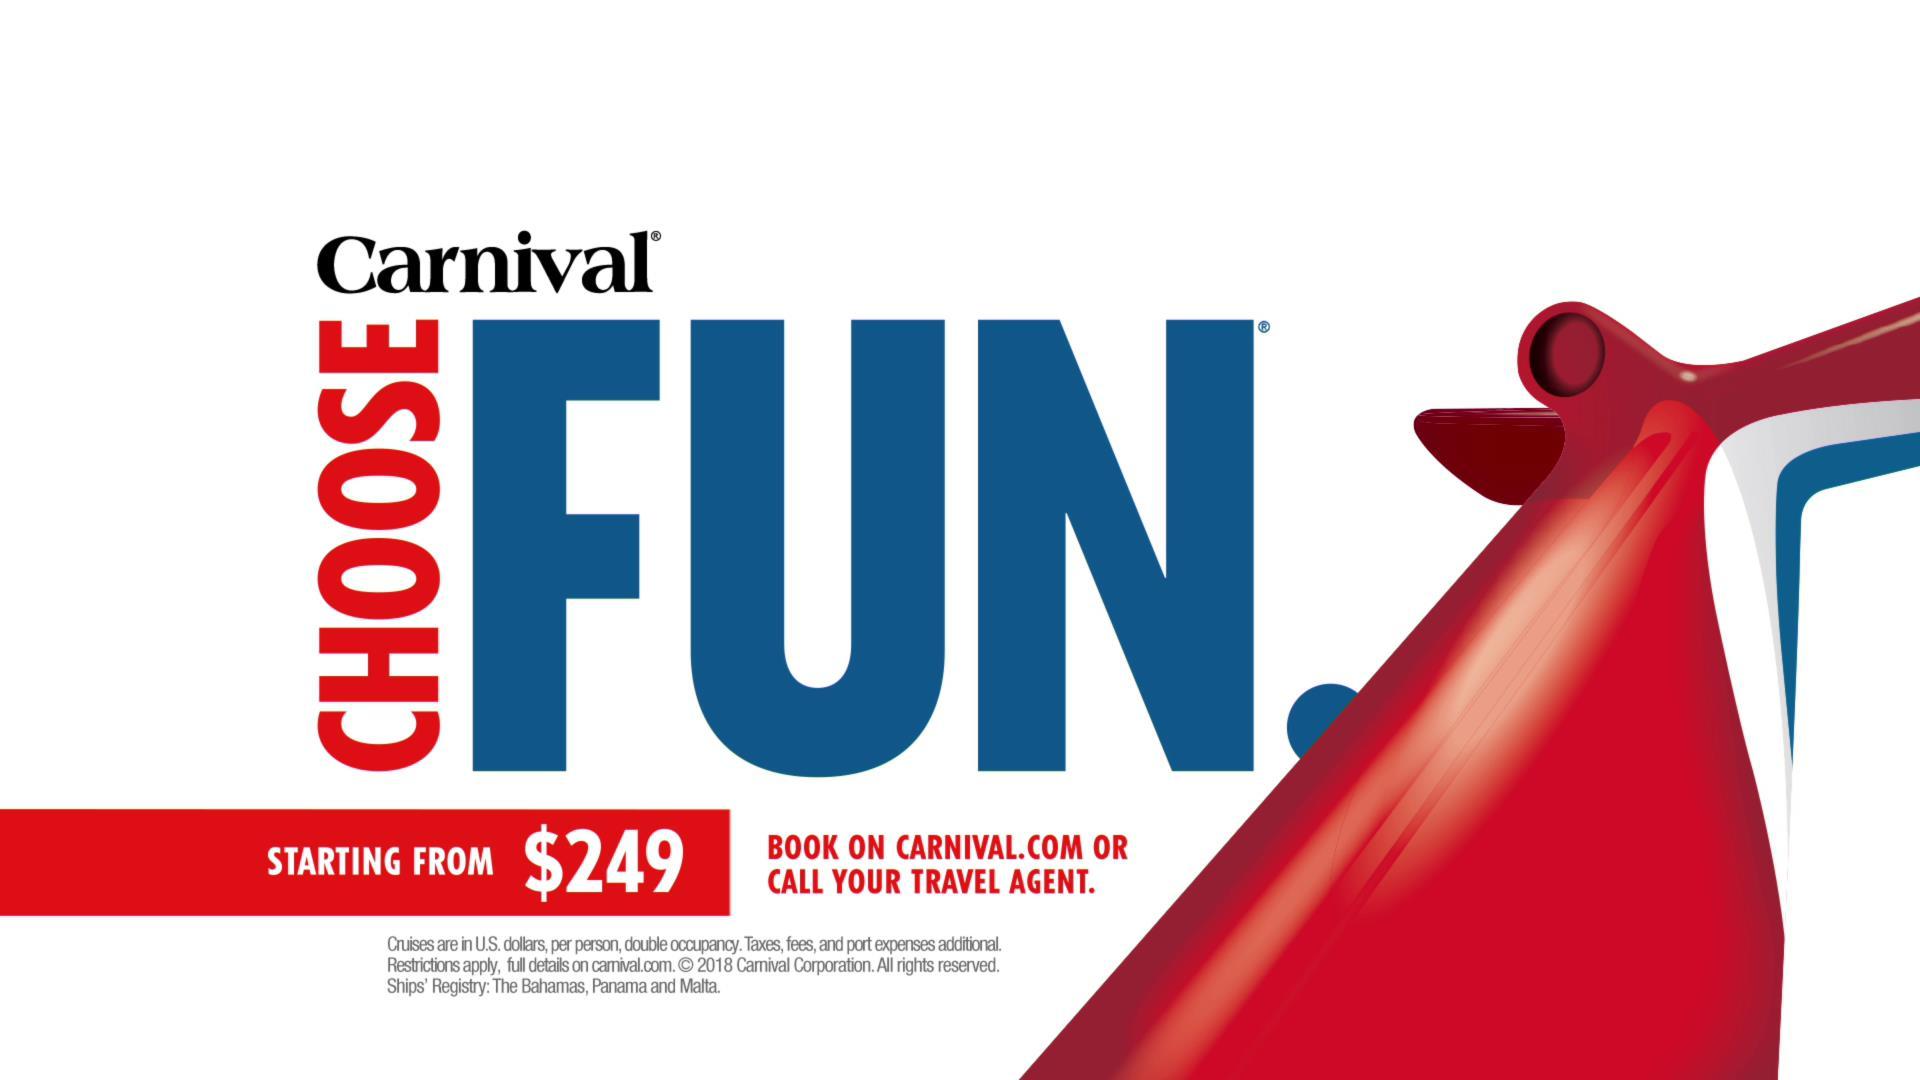 Carnival_Continuous_Fun_Q1_2019